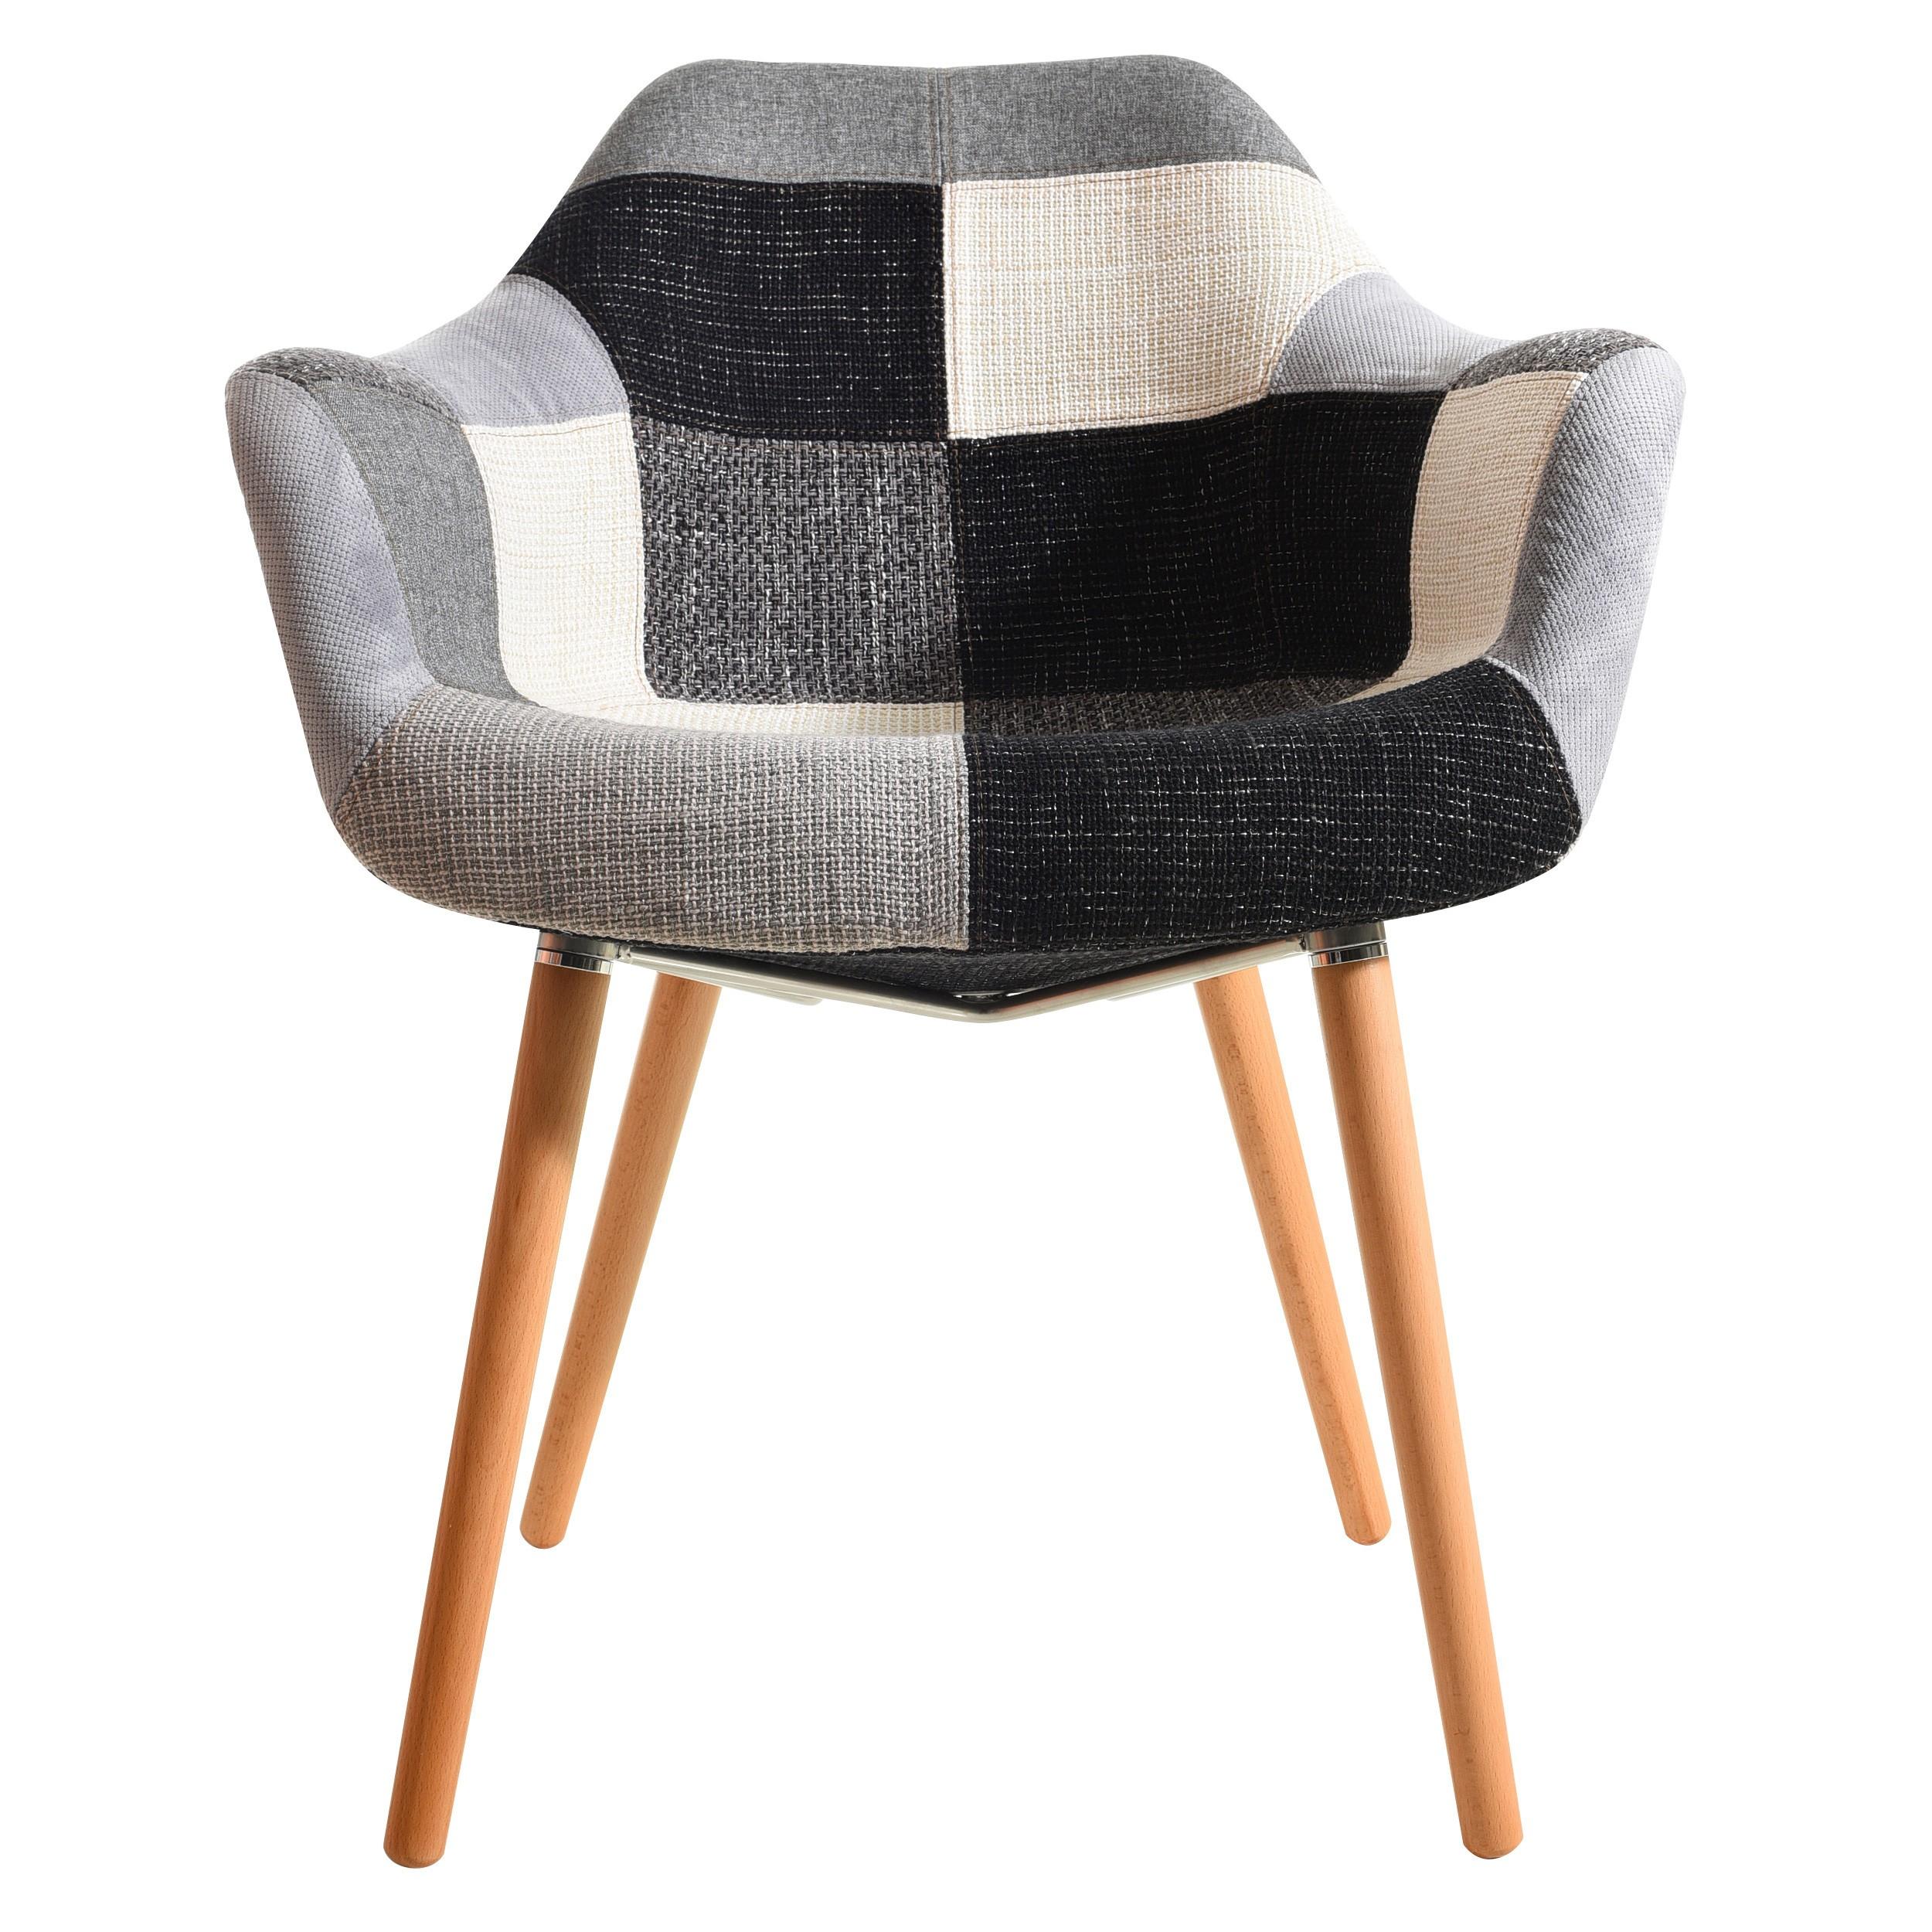 chaise anssen patchwork grise commandez nos chaises anssen patchwork grises prix d 39 usine rdv. Black Bedroom Furniture Sets. Home Design Ideas